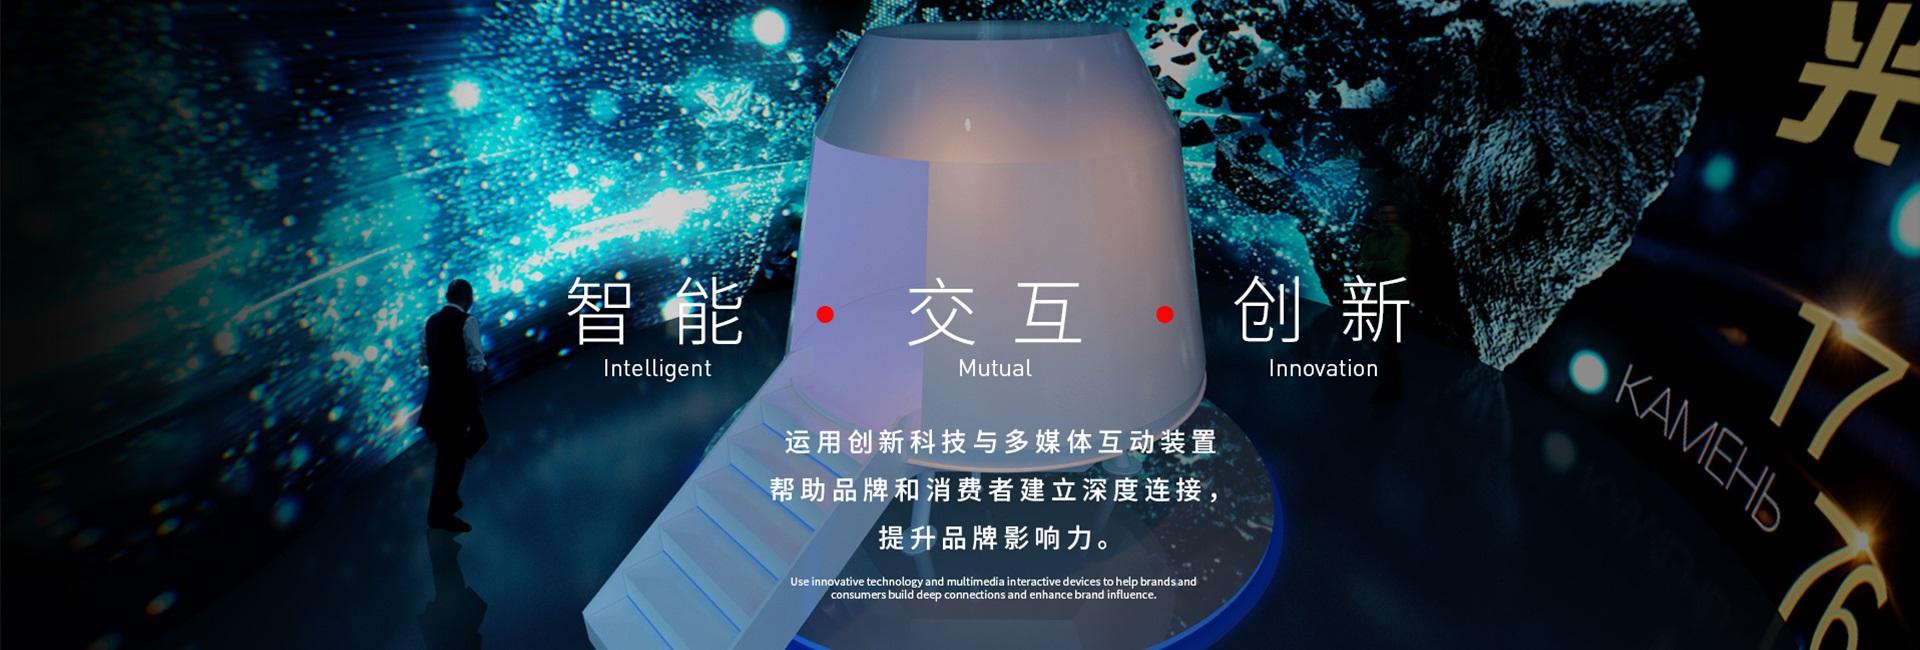 科技展示设计